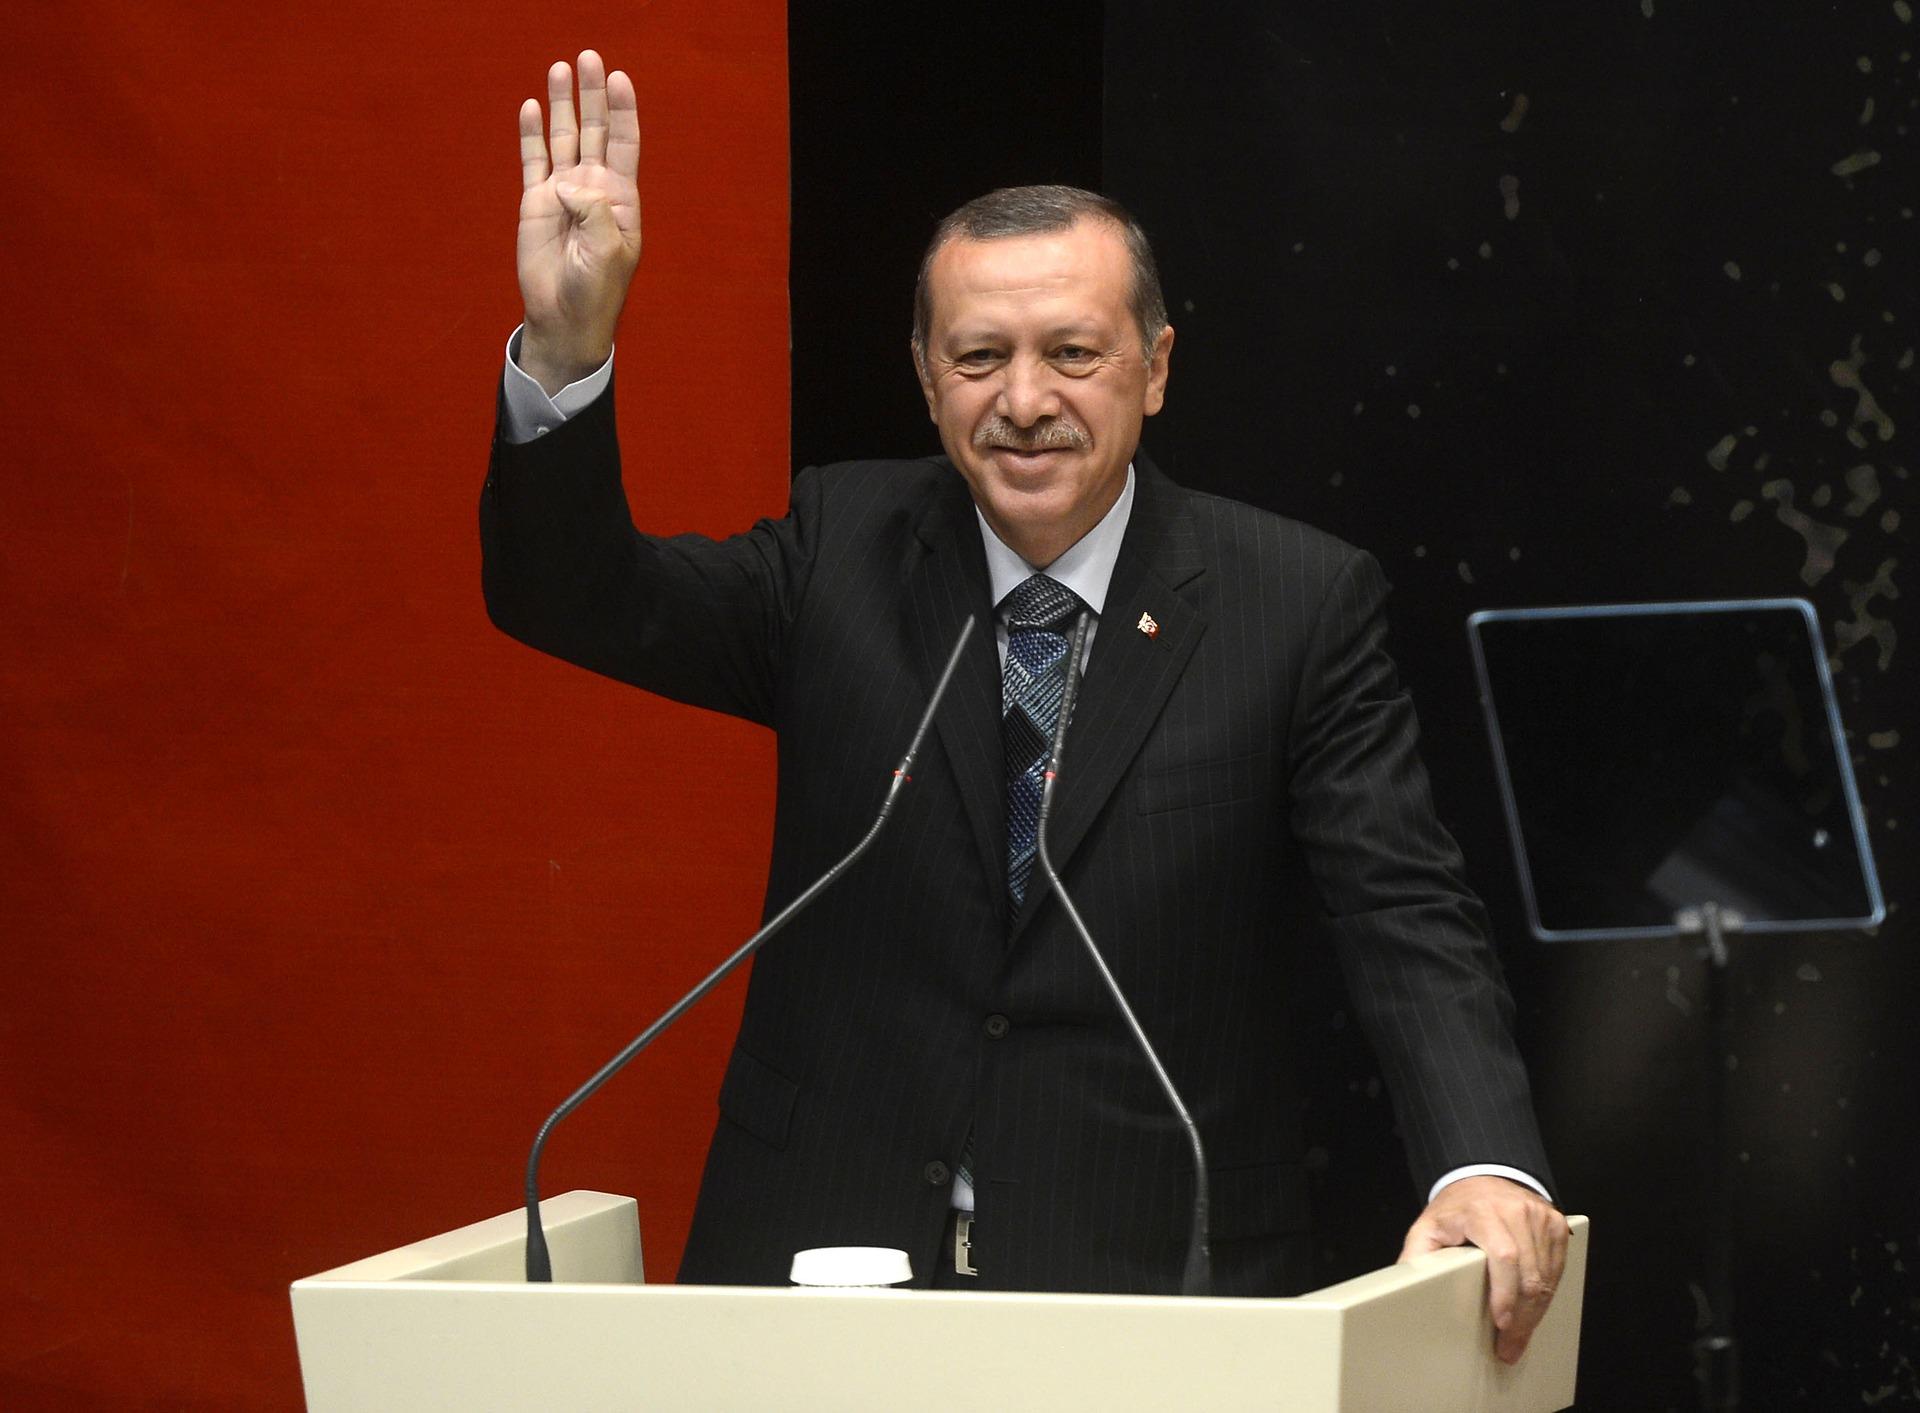 La Turquie appelée à en finir avec ses «provocations» en Méditerranée